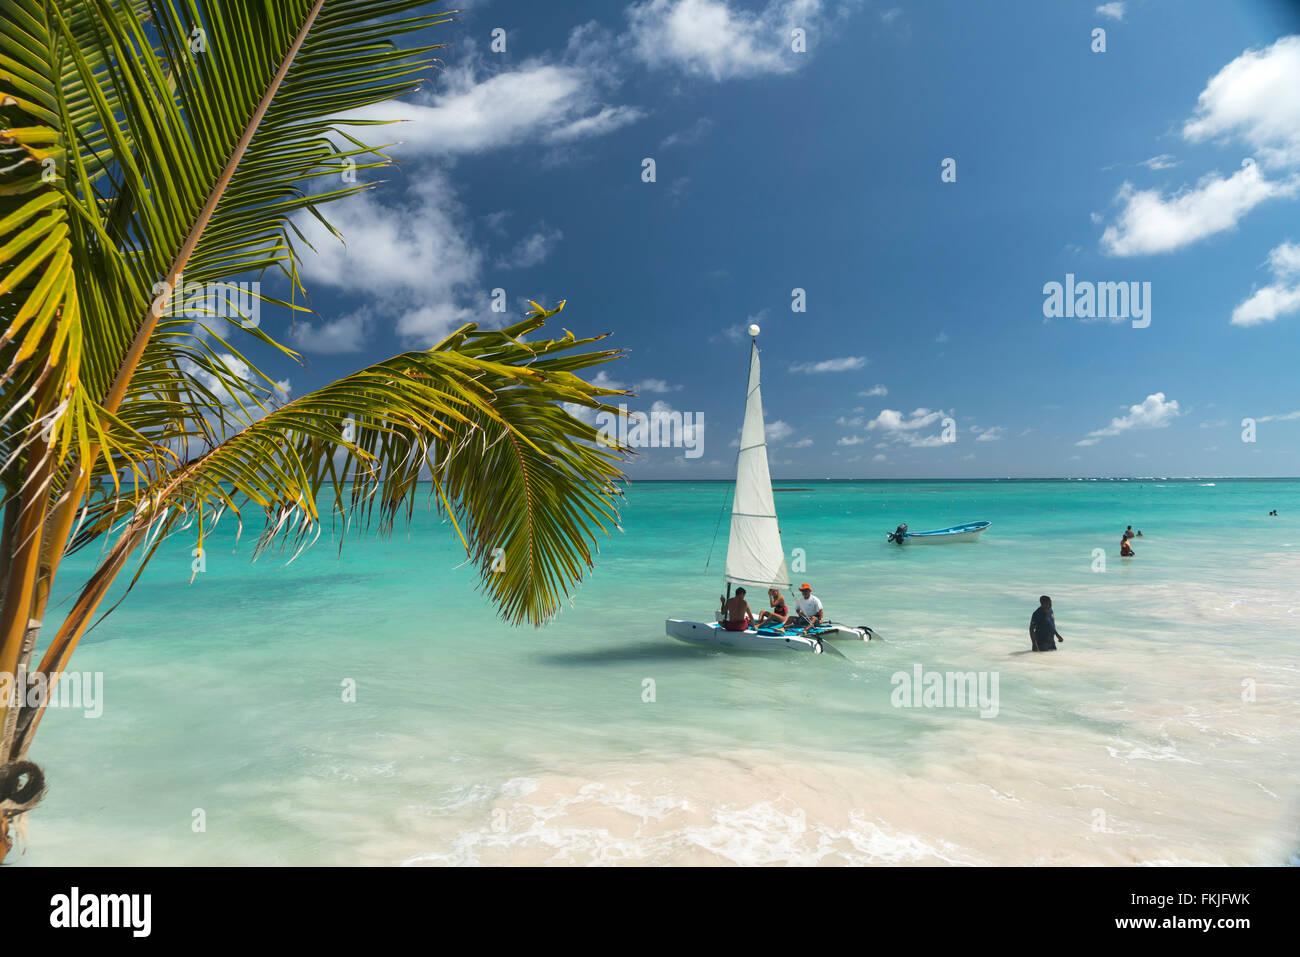 Bateau à voile à la plage de Playa Bavaro, Punta Cana, République dominicaine, Caraïbes, Amérique Photo Stock